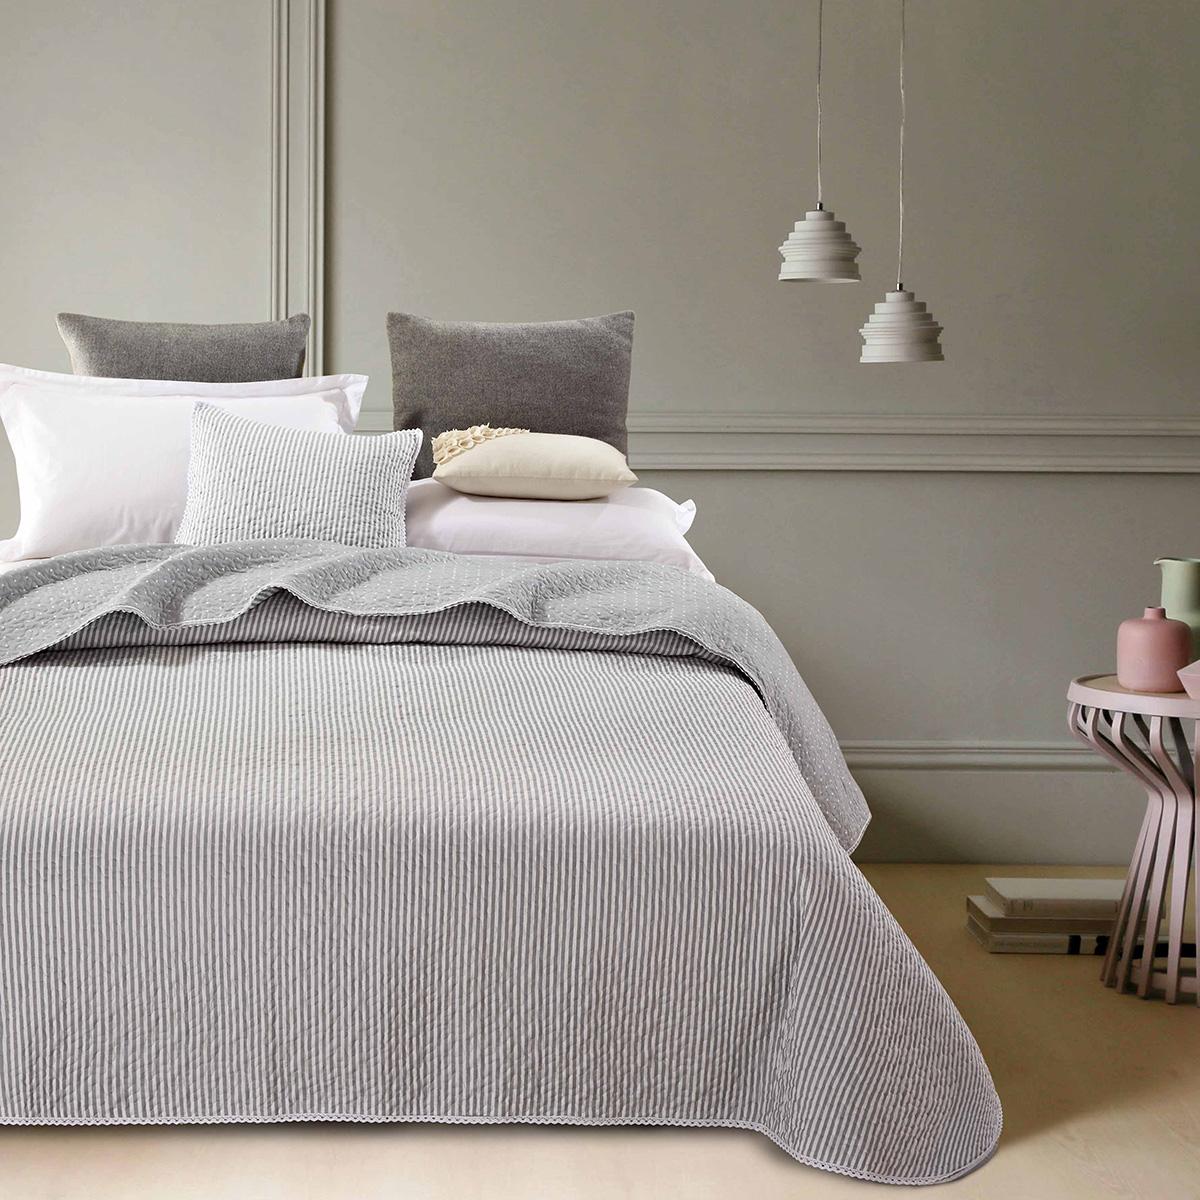 Billede af Simone quiltet sengetæppe - Grå